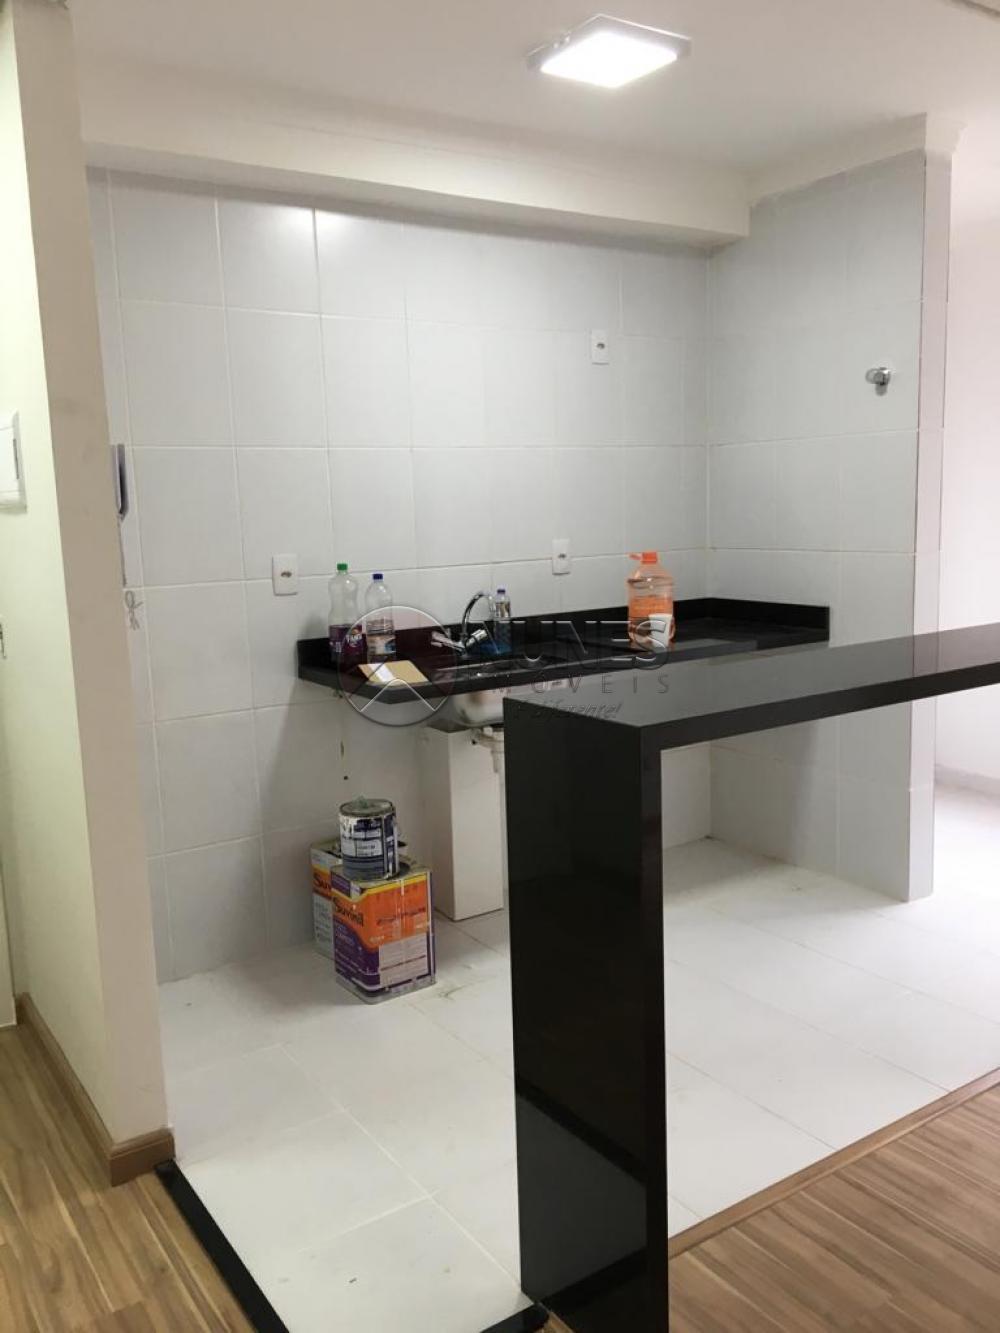 Comprar Apartamento / Padrão em Osasco apenas R$ 199.000,00 - Foto 6